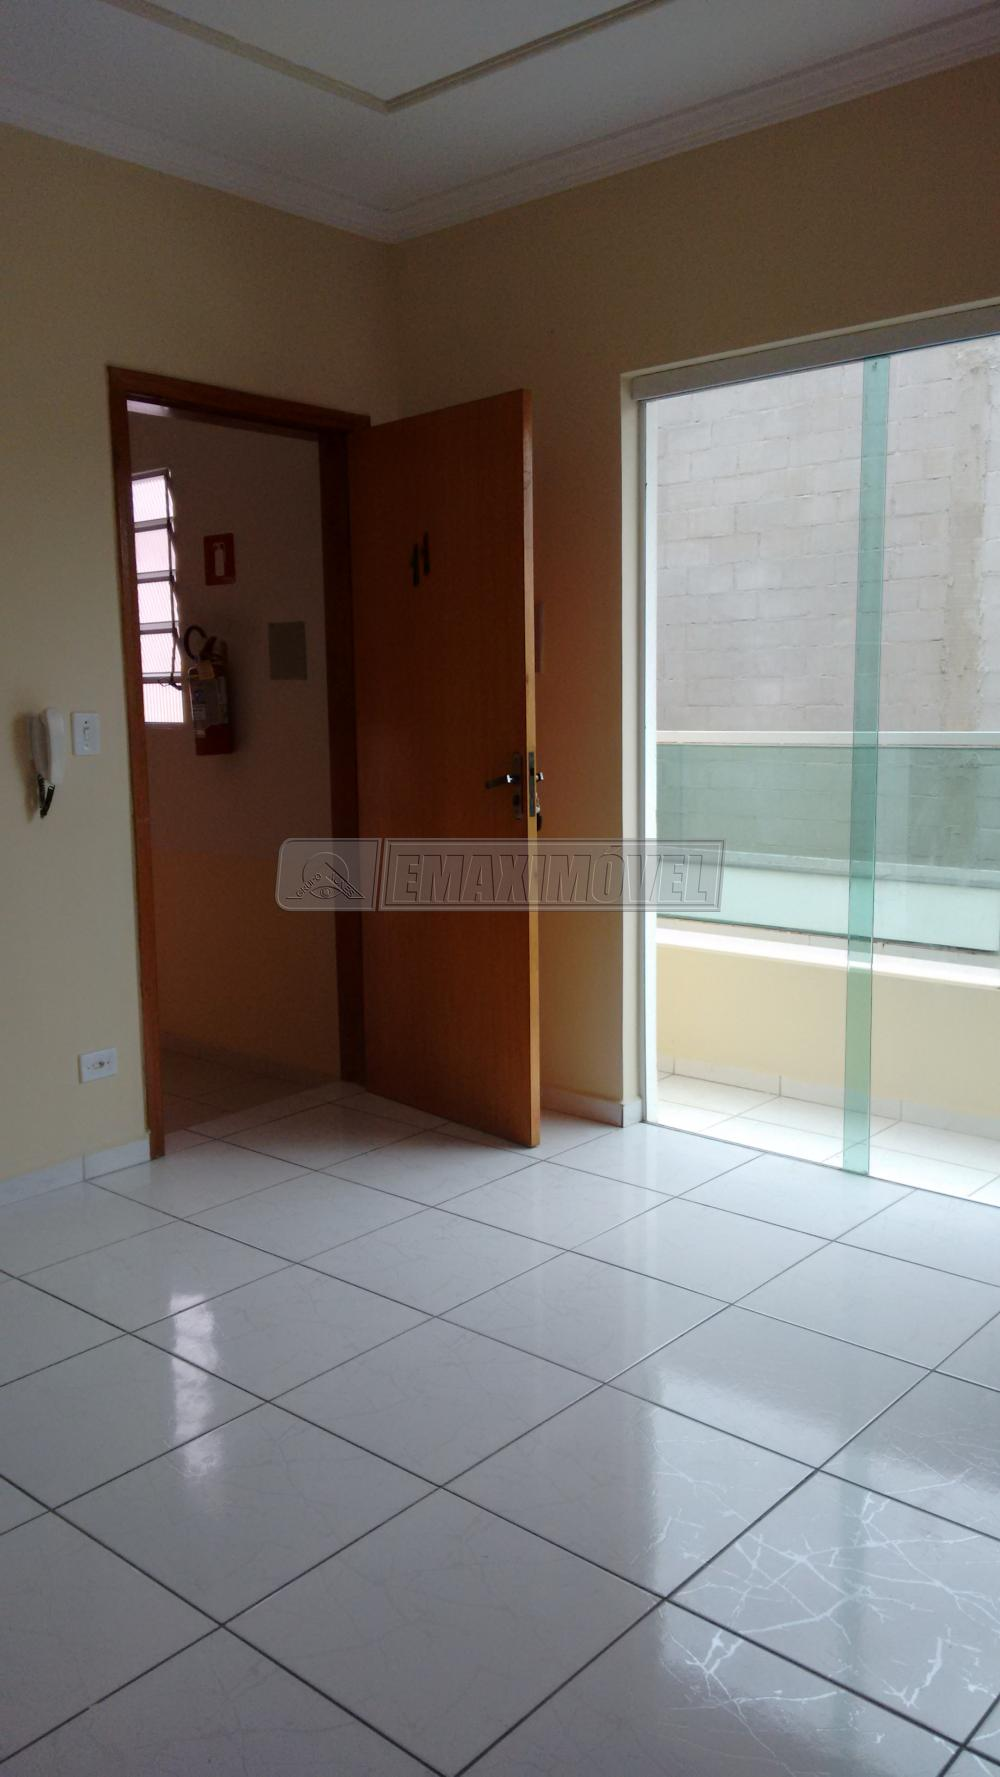 Alugar Apartamento / Padrão em Sorocaba R$ 1.200,00 - Foto 18